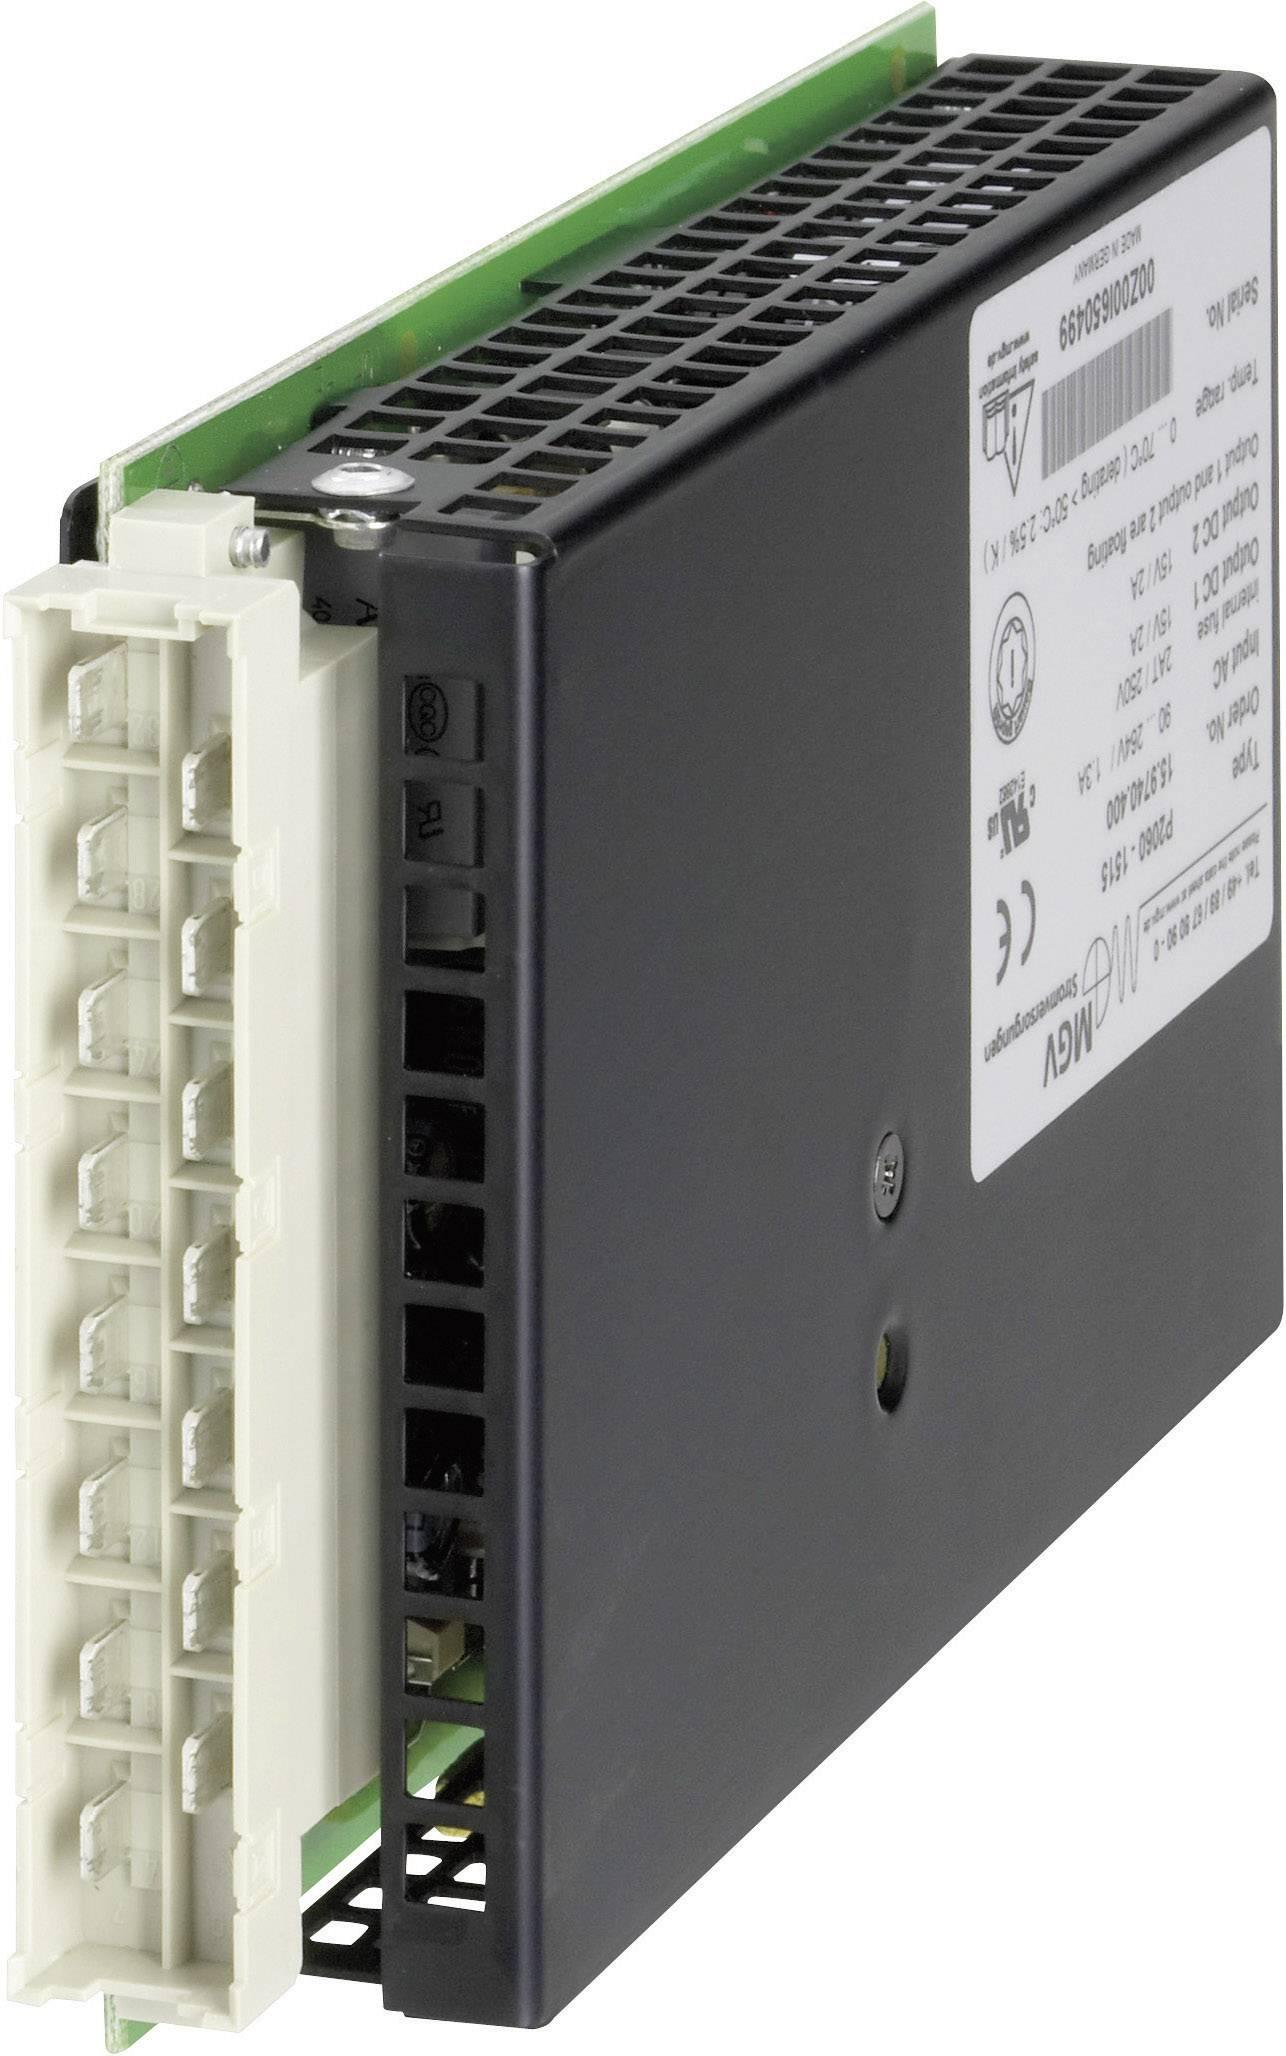 Vestavný spínaný síťový zdroj mgv P2060-0512 na DIN lištu, 5 V/DC / 5.0 A